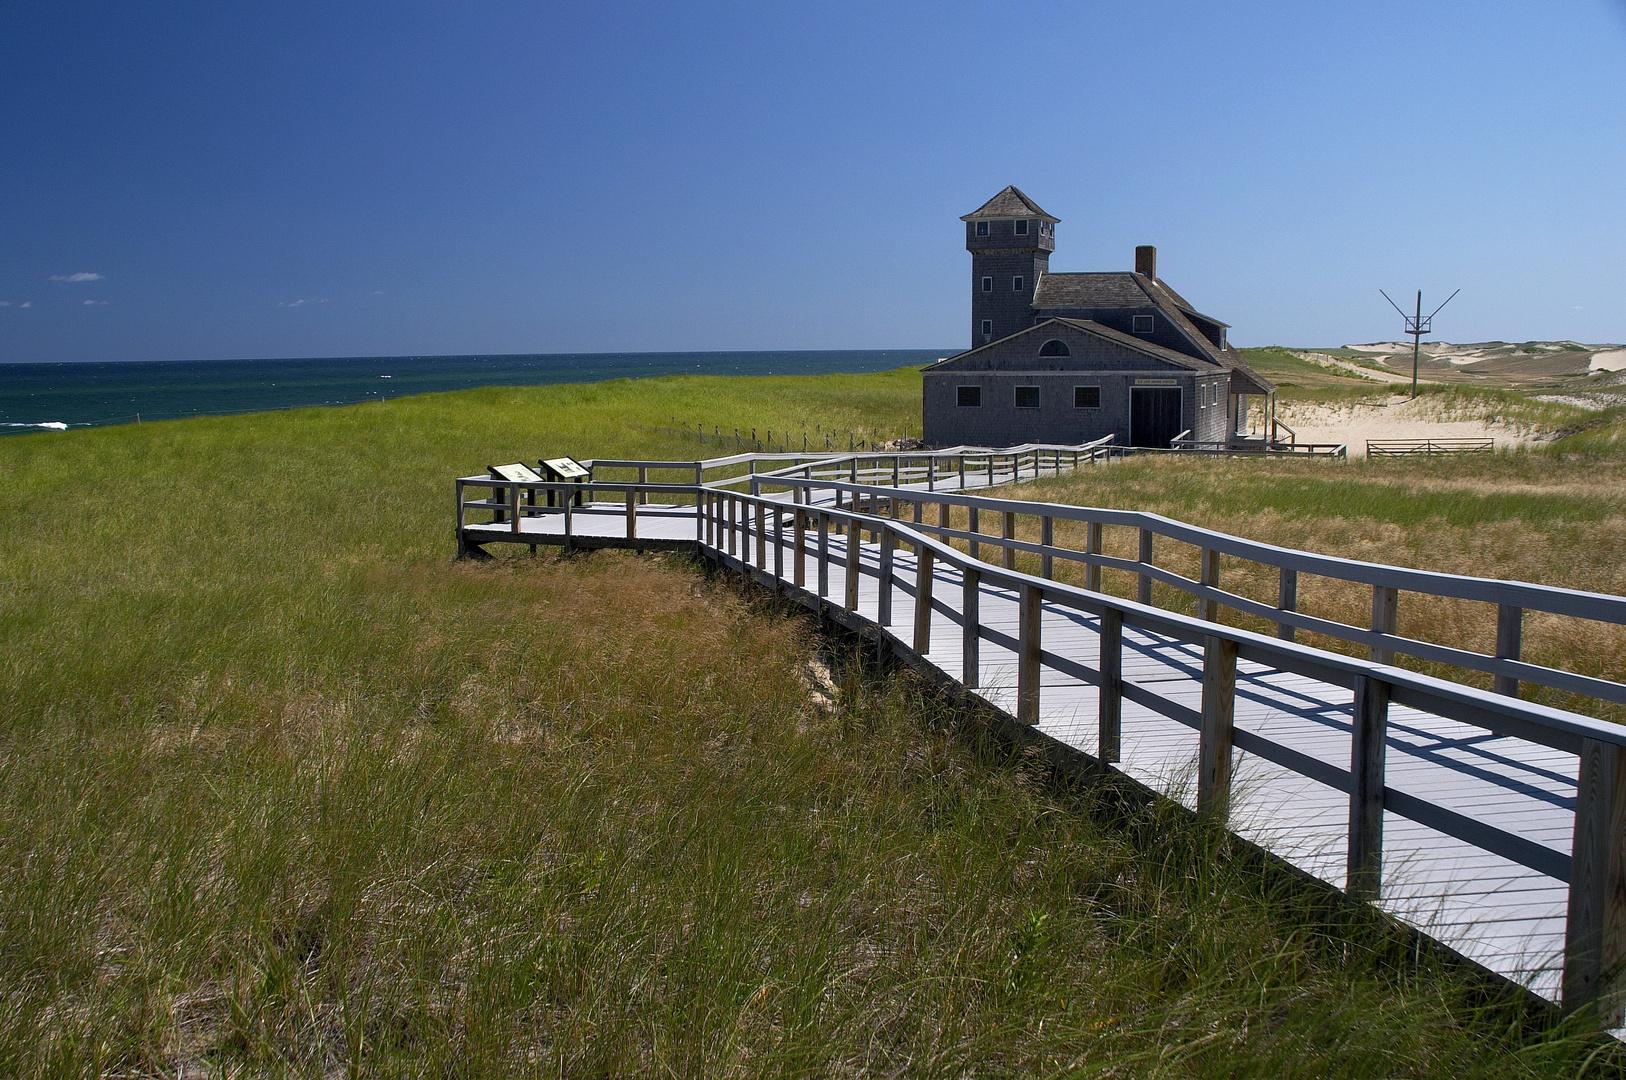 Lookout auf Cape Cod